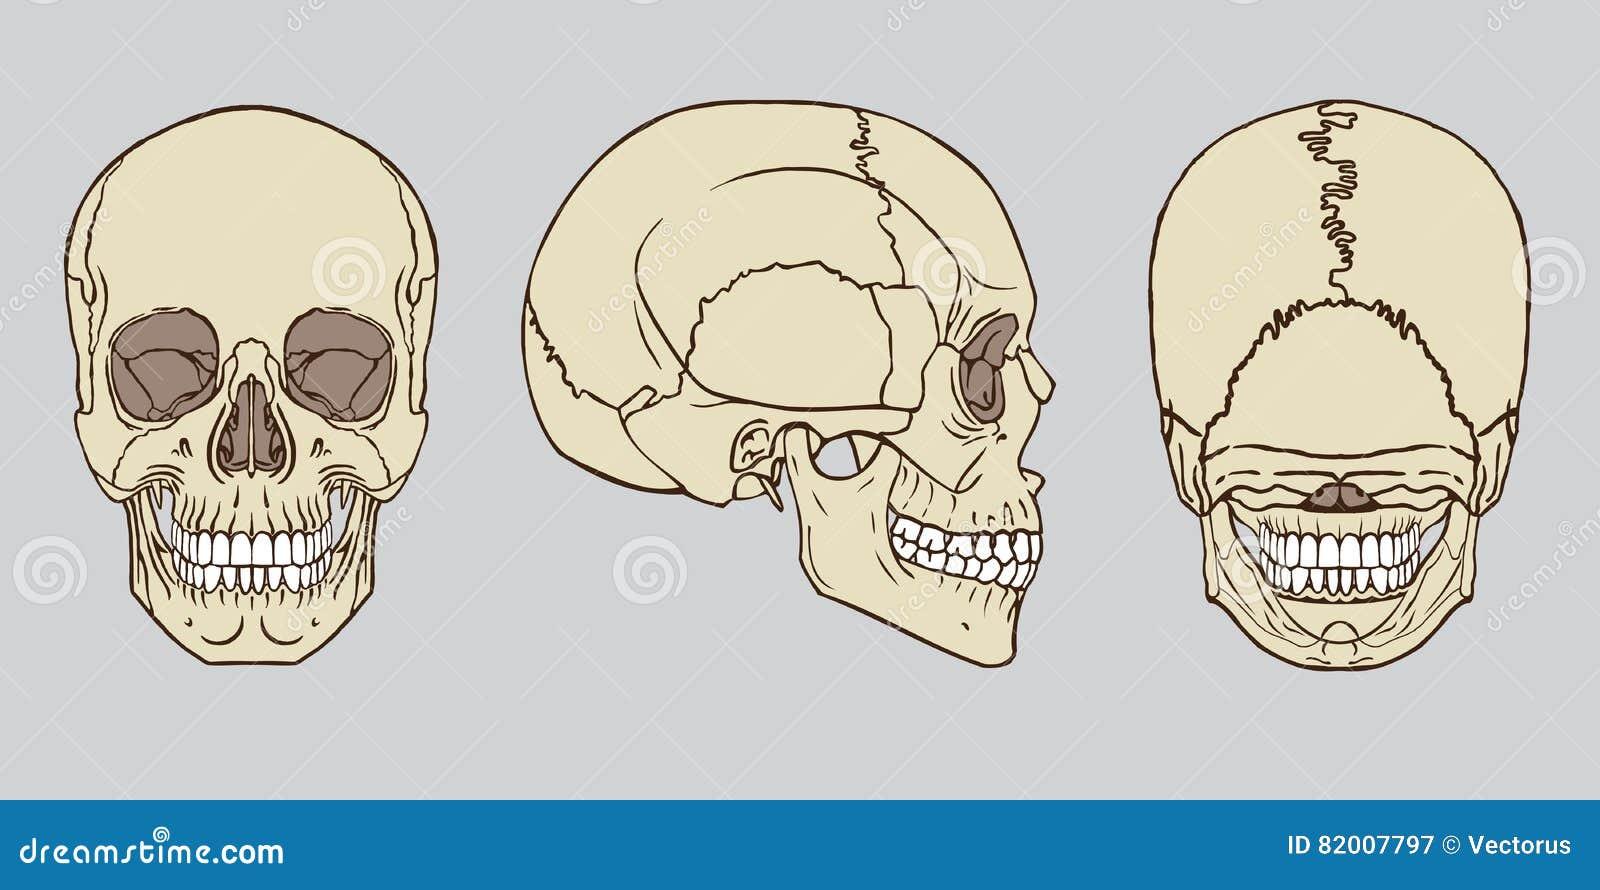 Menschlicher Schädel-Anatomie-Satz-Vektor Vektor Abbildung ...